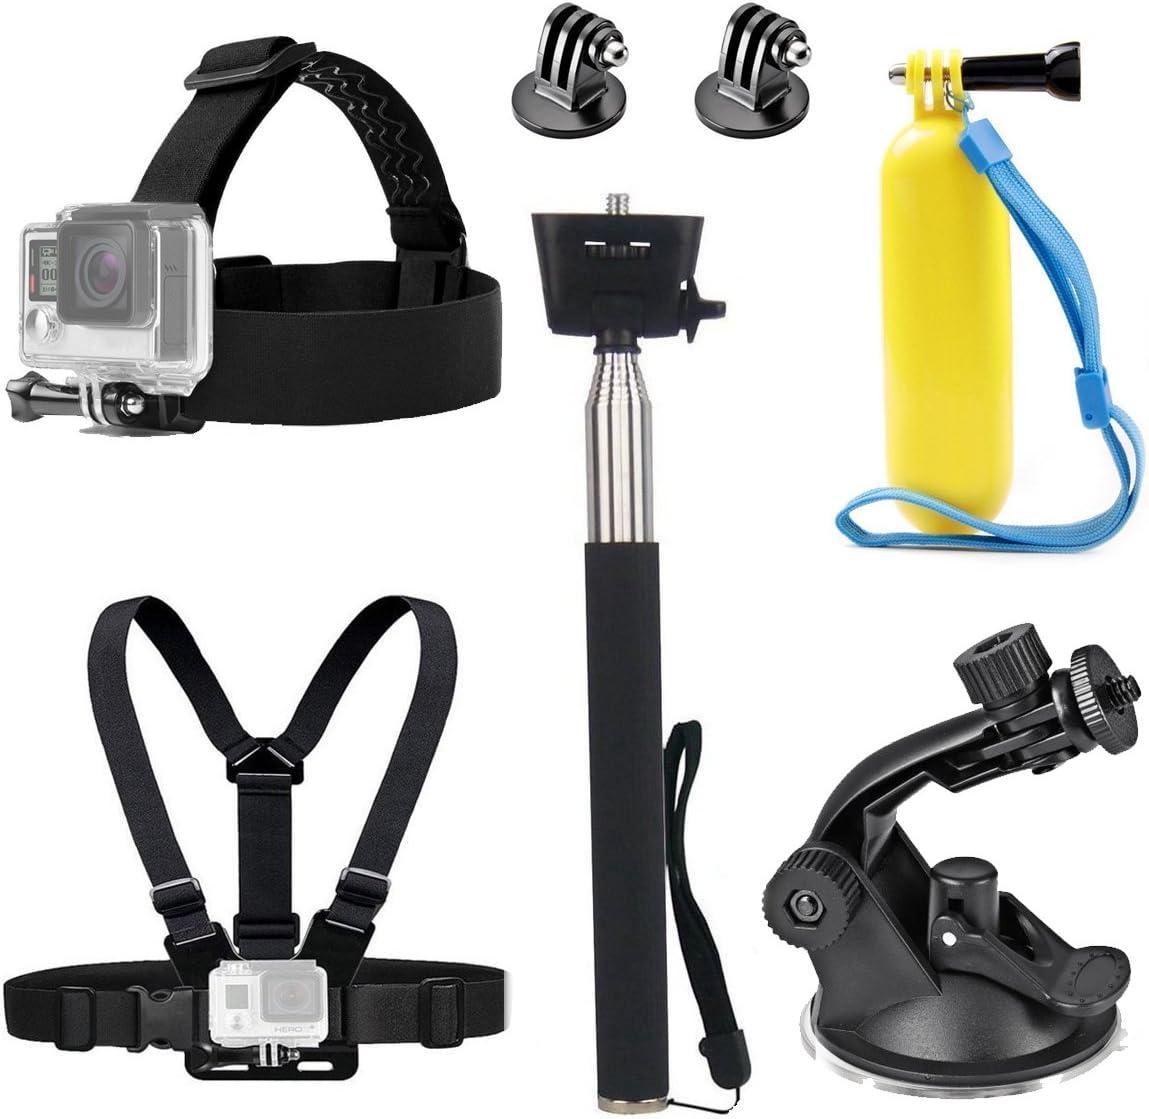 TEKCAM - Correa para la cabeza de la cámara de acción, arnés para el pecho, montaje de la correa para selfie, mango flotante, agarre con ventosa compatible con cámara subacuática Gopro Hero